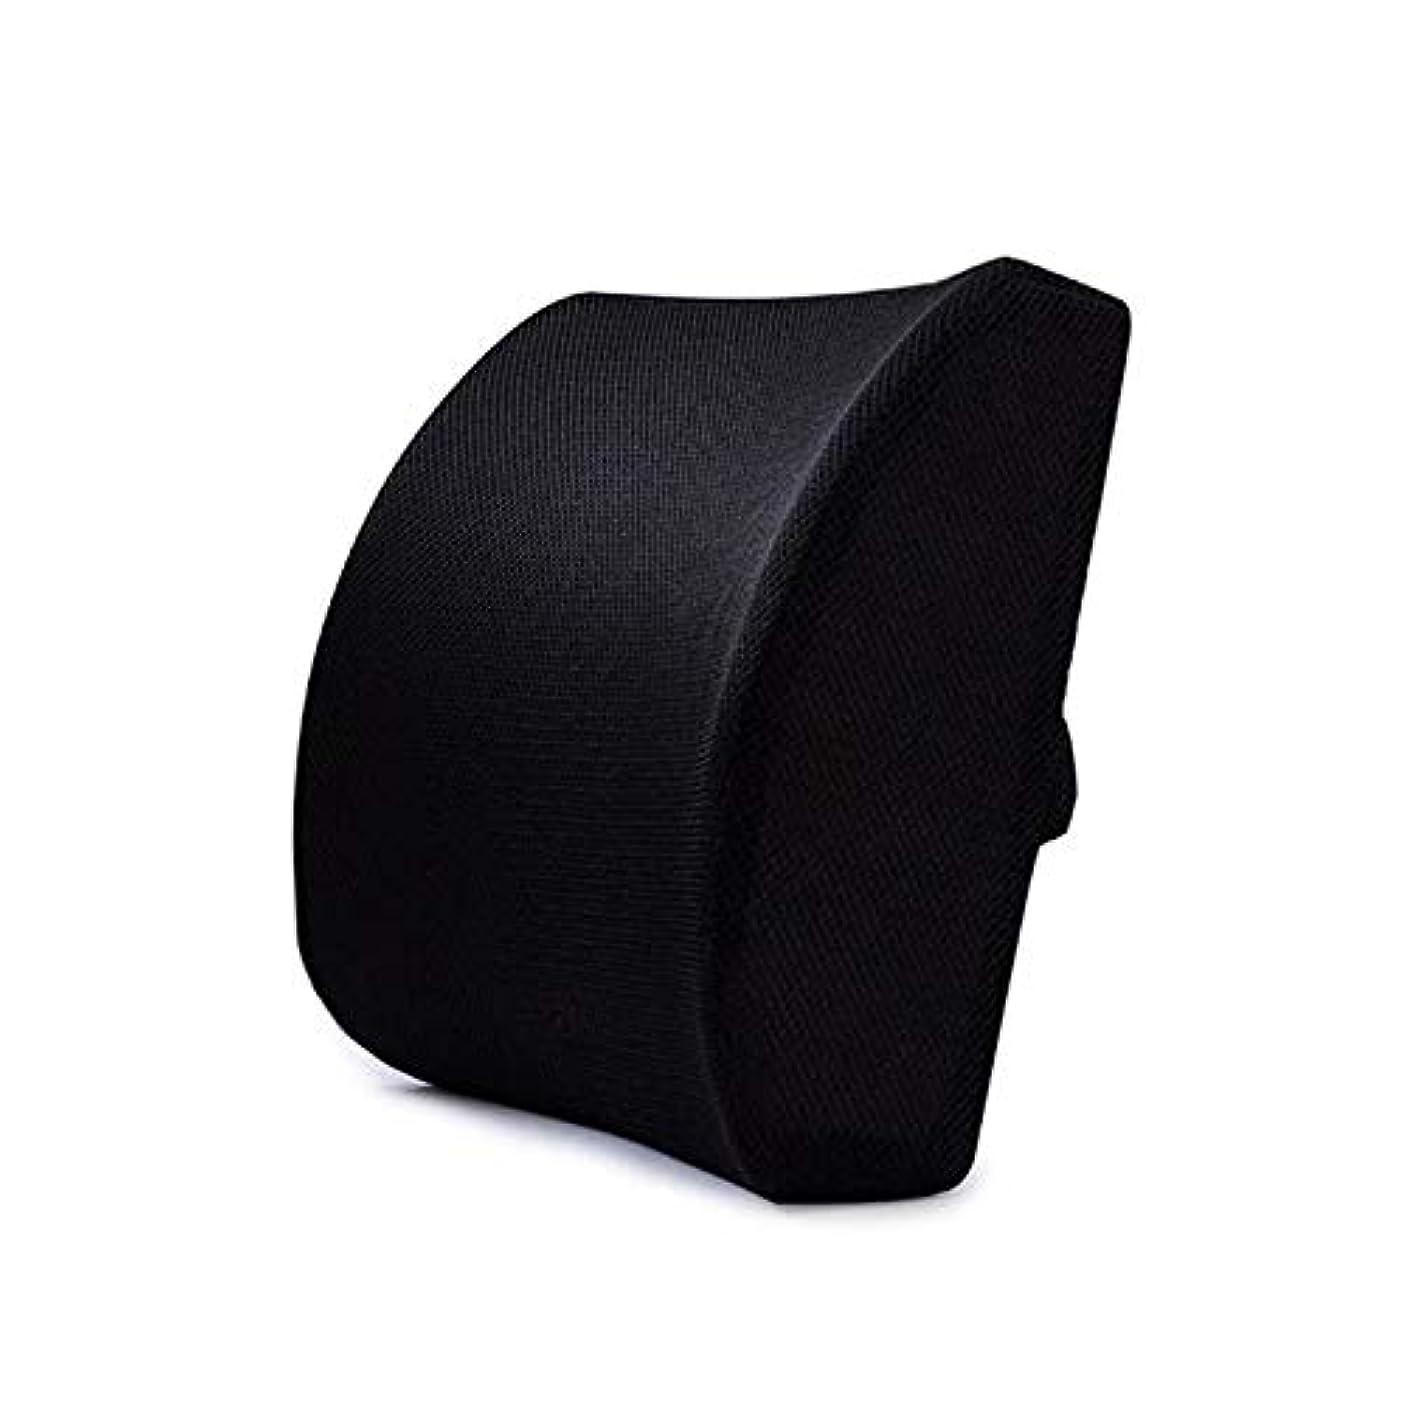 代表追い付く俳句LIFE ホームオフィス背もたれ椅子腰椎クッションカーシートネック枕 3D 低反発サポートバックマッサージウエストレスリビング枕 クッション 椅子